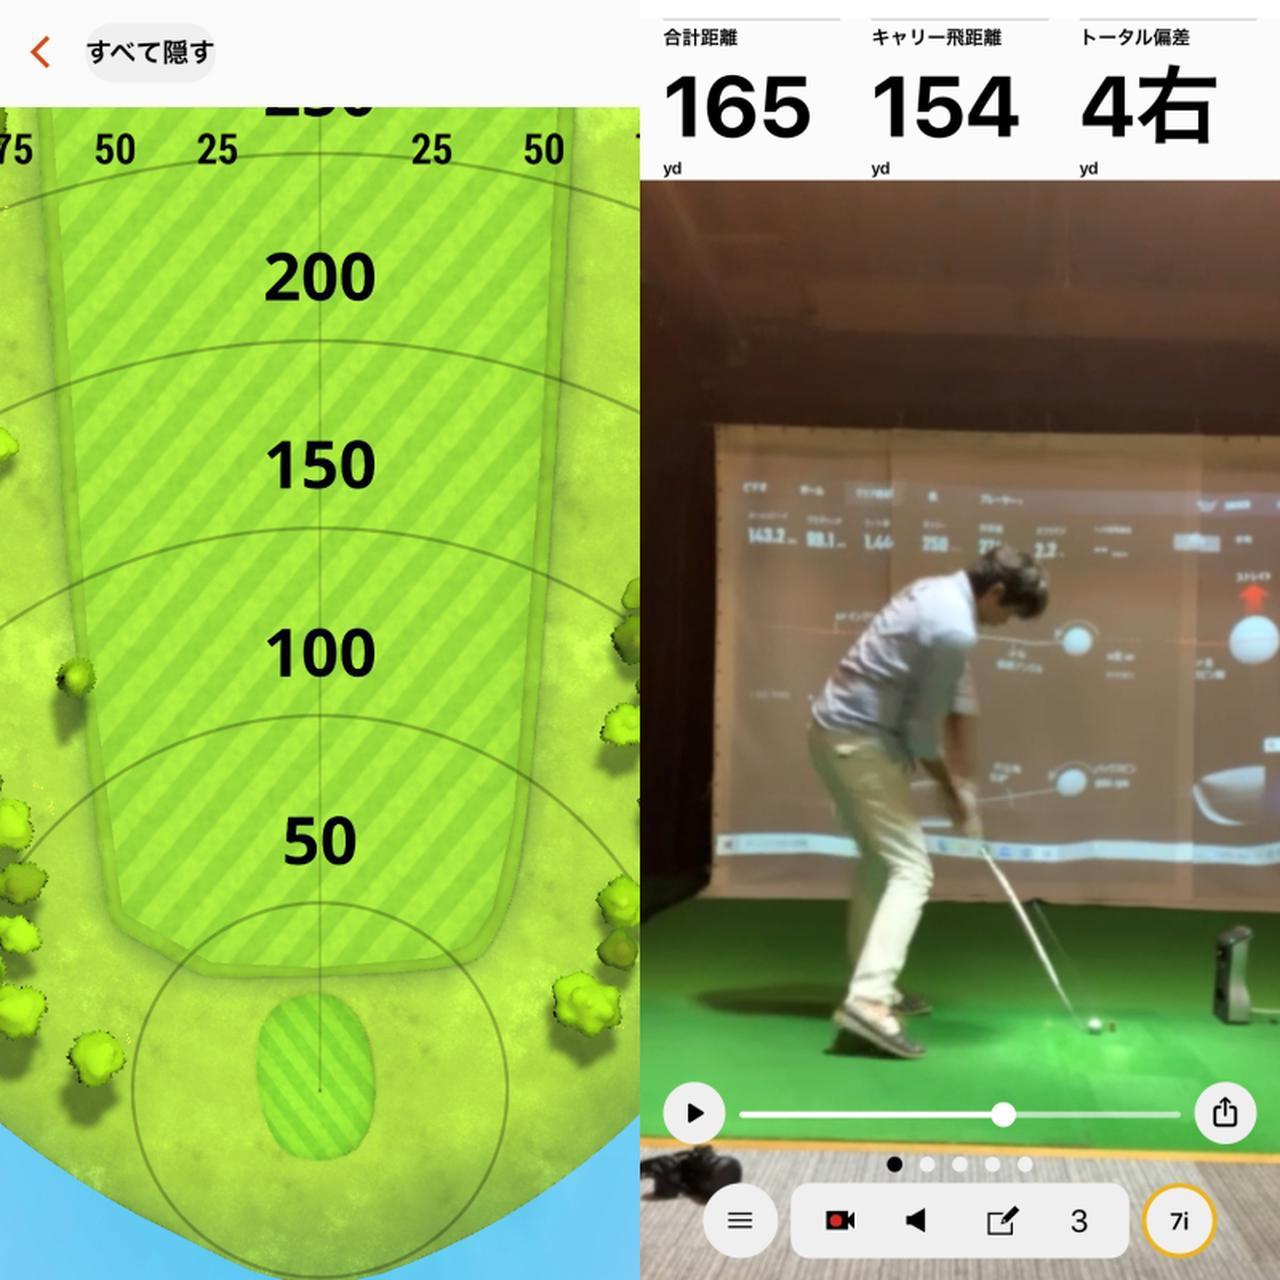 画像: ショットのバラつきを見るための統計画面やスマホの動画機能を使って自動で録画してくれる機能も装備する